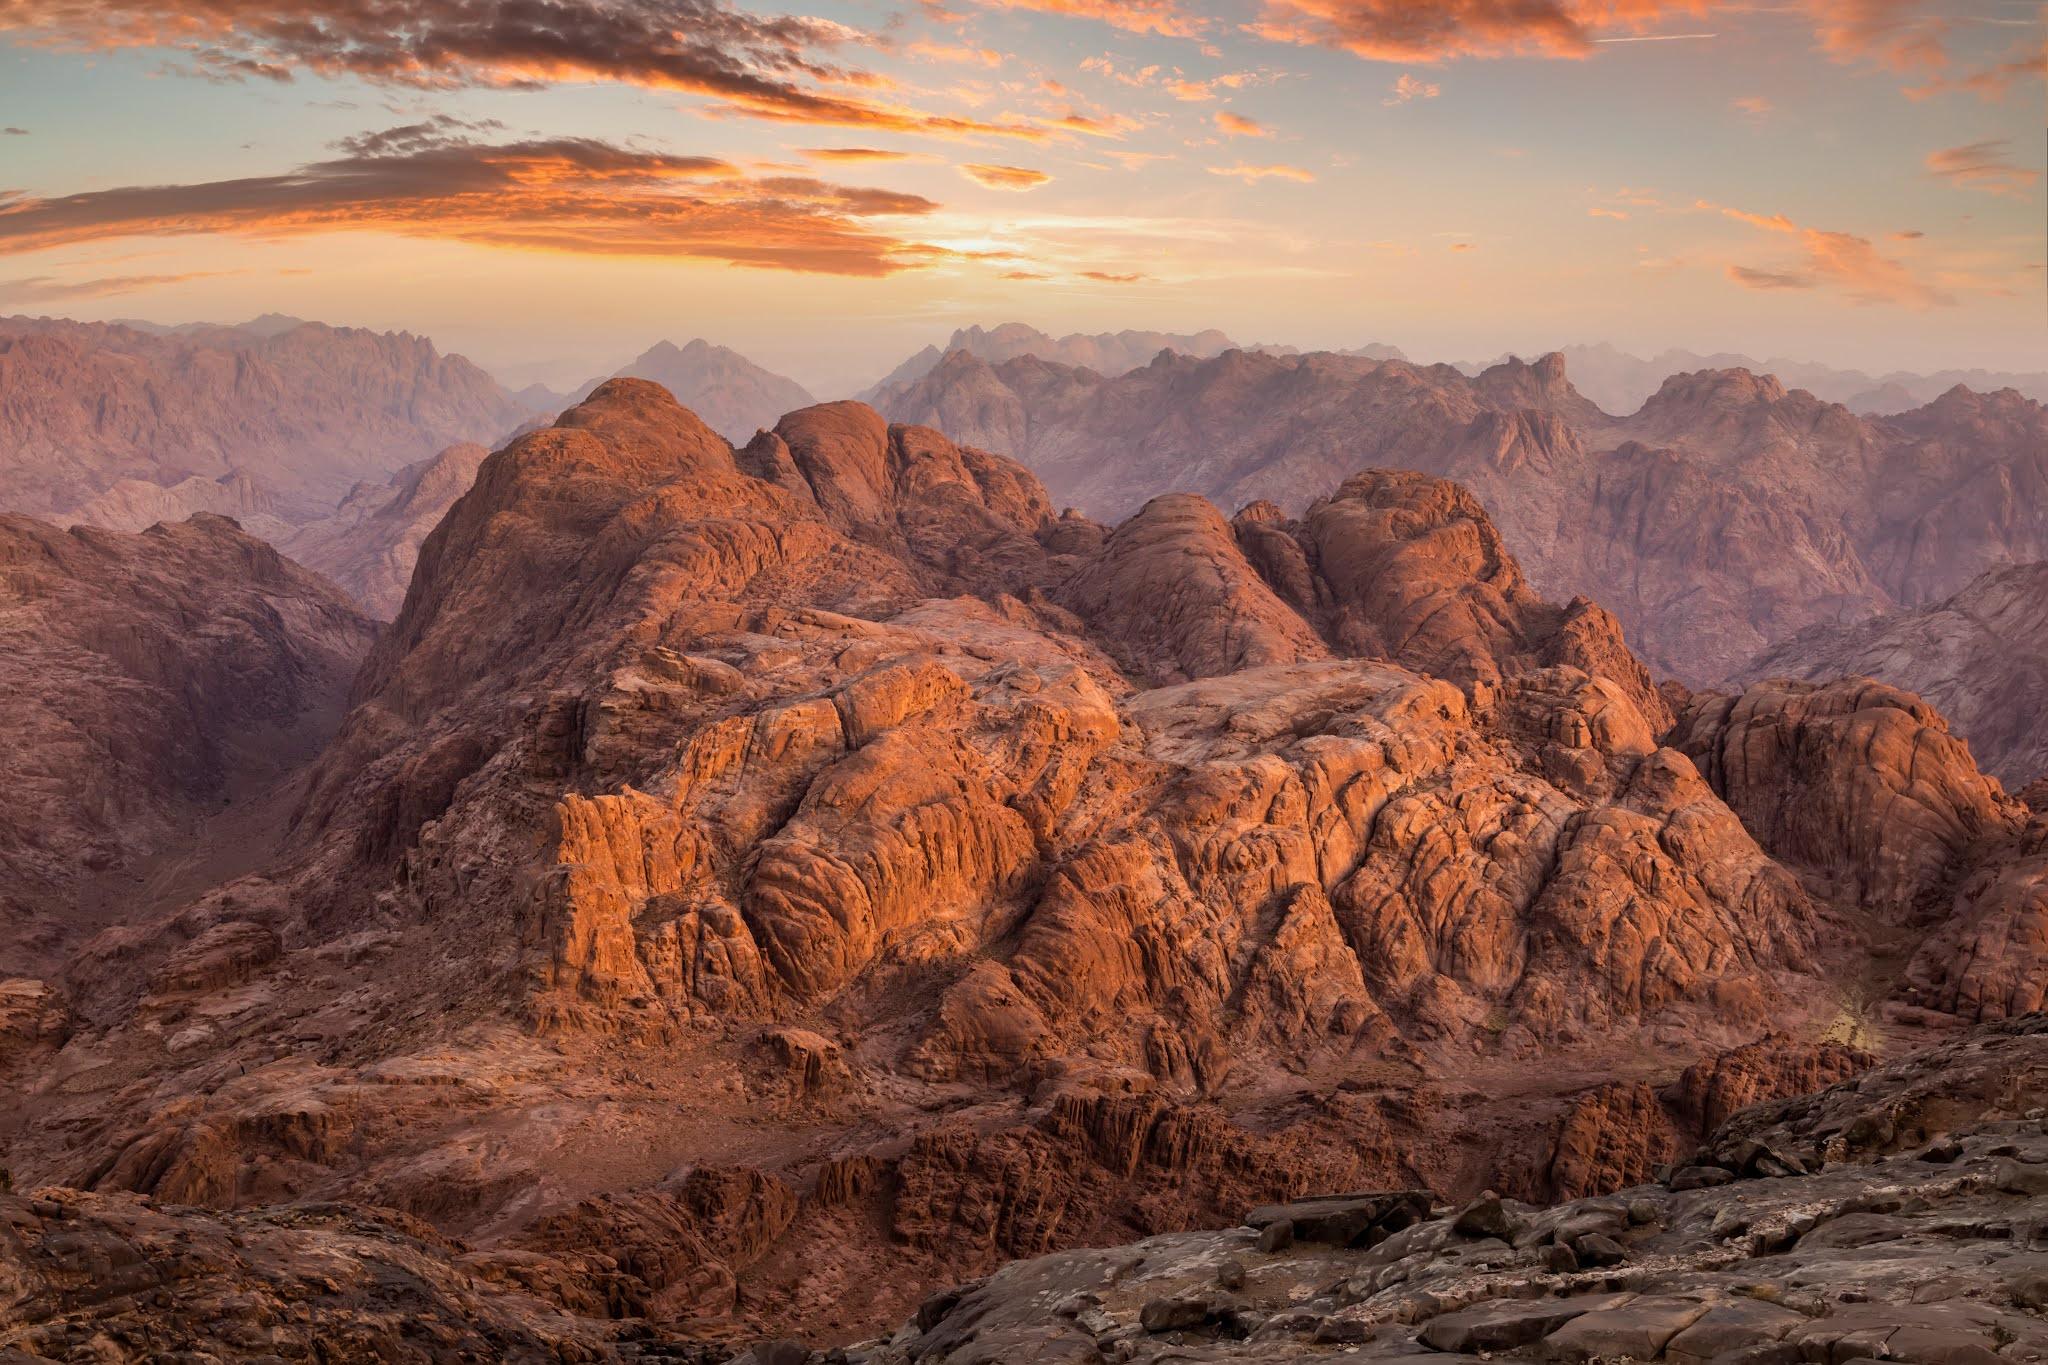 الرئيس السيسي يدعم مشروعات استصلاح الأراضي في سيناء